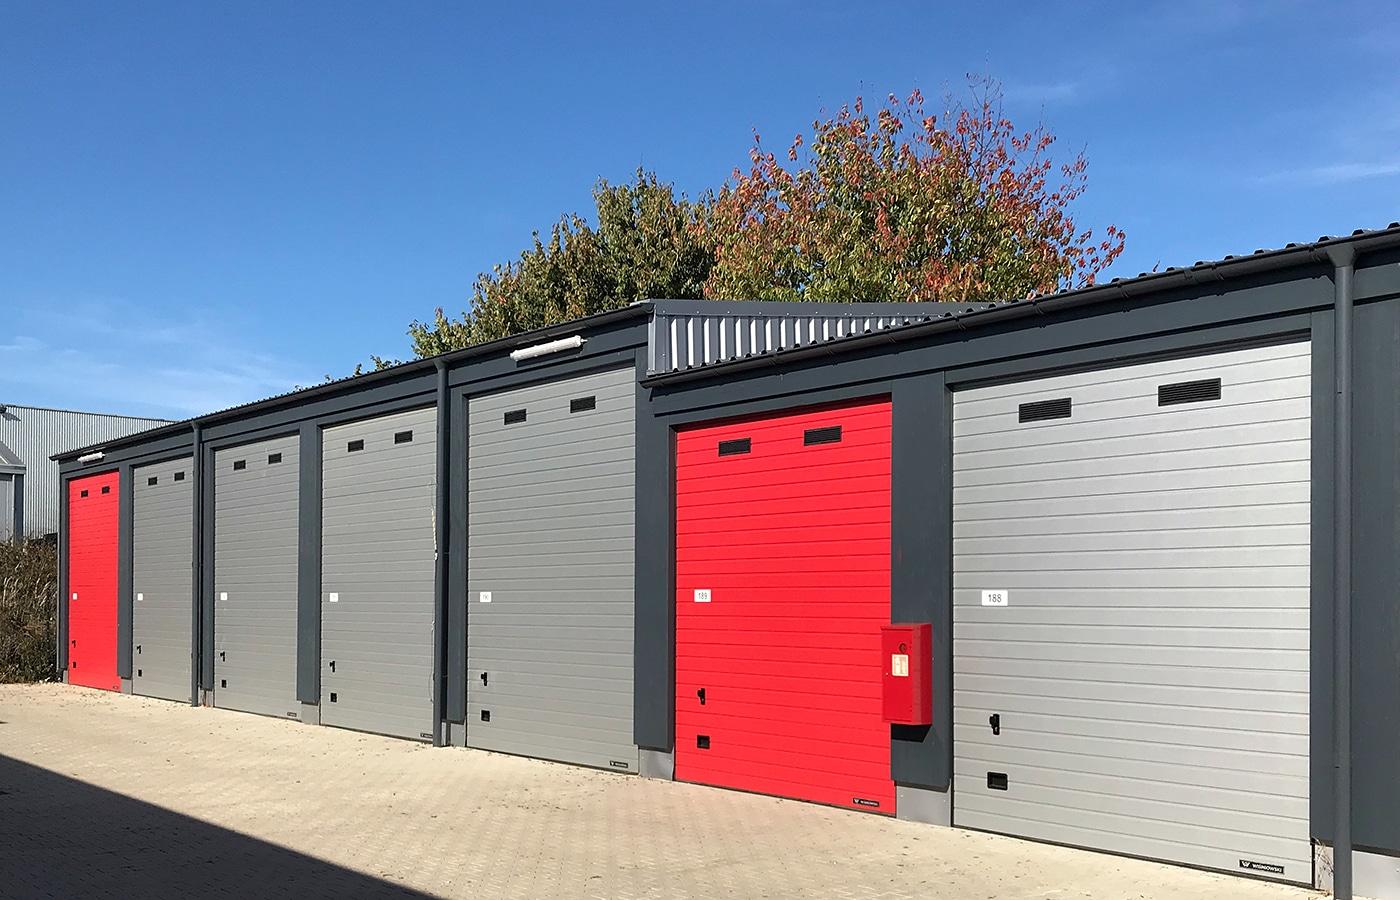 Frontansicht Garagenpark Storage Köln Rodenkirchen · Architektin AKNW Dipl.-Ing. Lubov · Architekt / Architekturbüro Köln